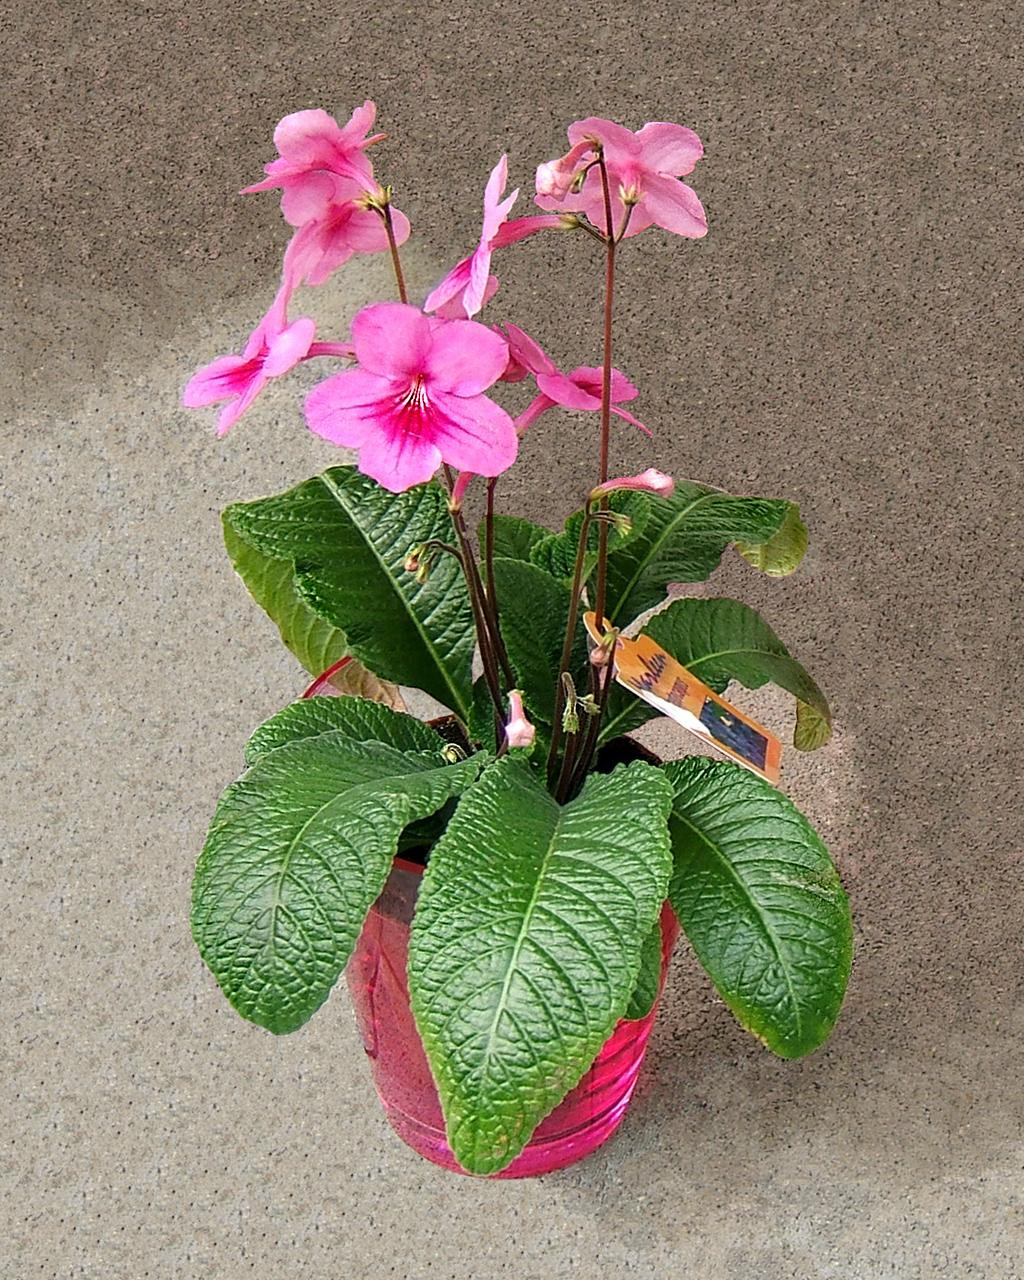 Комнатный цветок стрептокарпус: фото сортов с описанием, размножение и 77